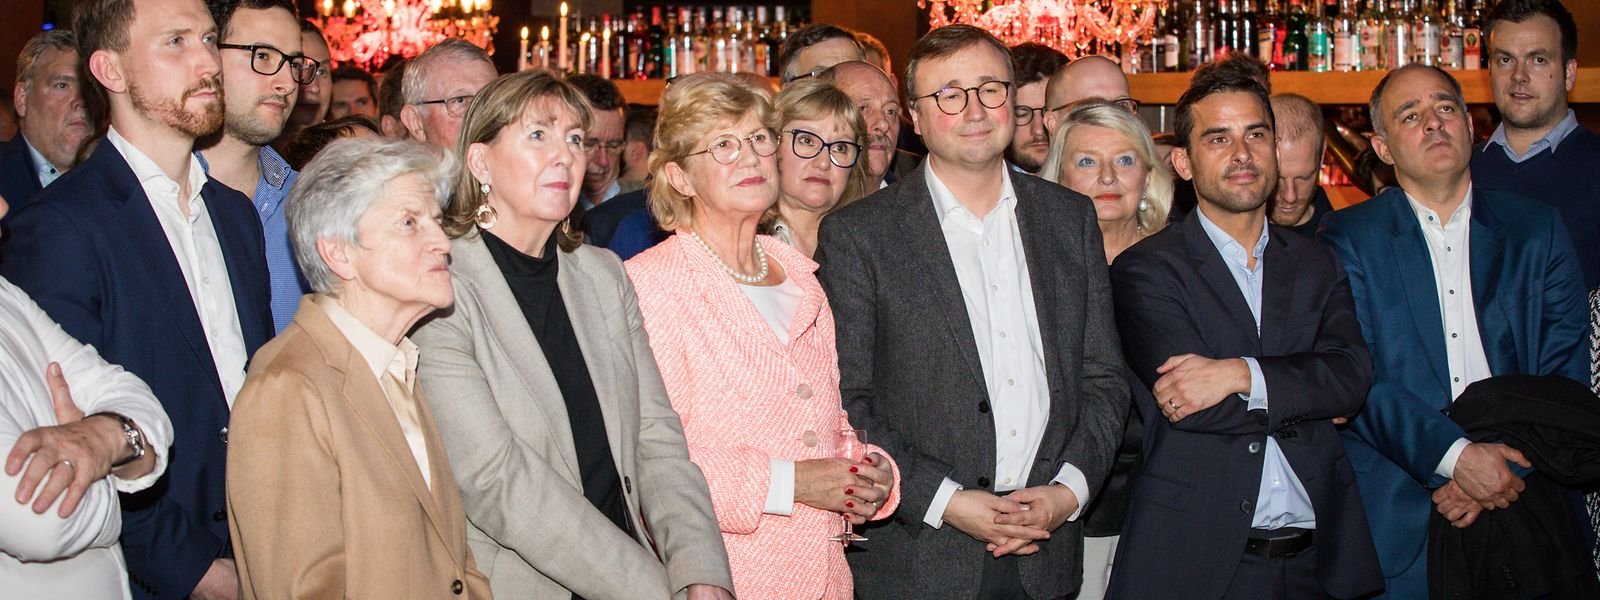 Les figures du parti étaient au premier rang : Colette Flesch, Lydie Polfer, Simone Beissel, André Bauler, Max Hahn et Patrick Goldschmidt.